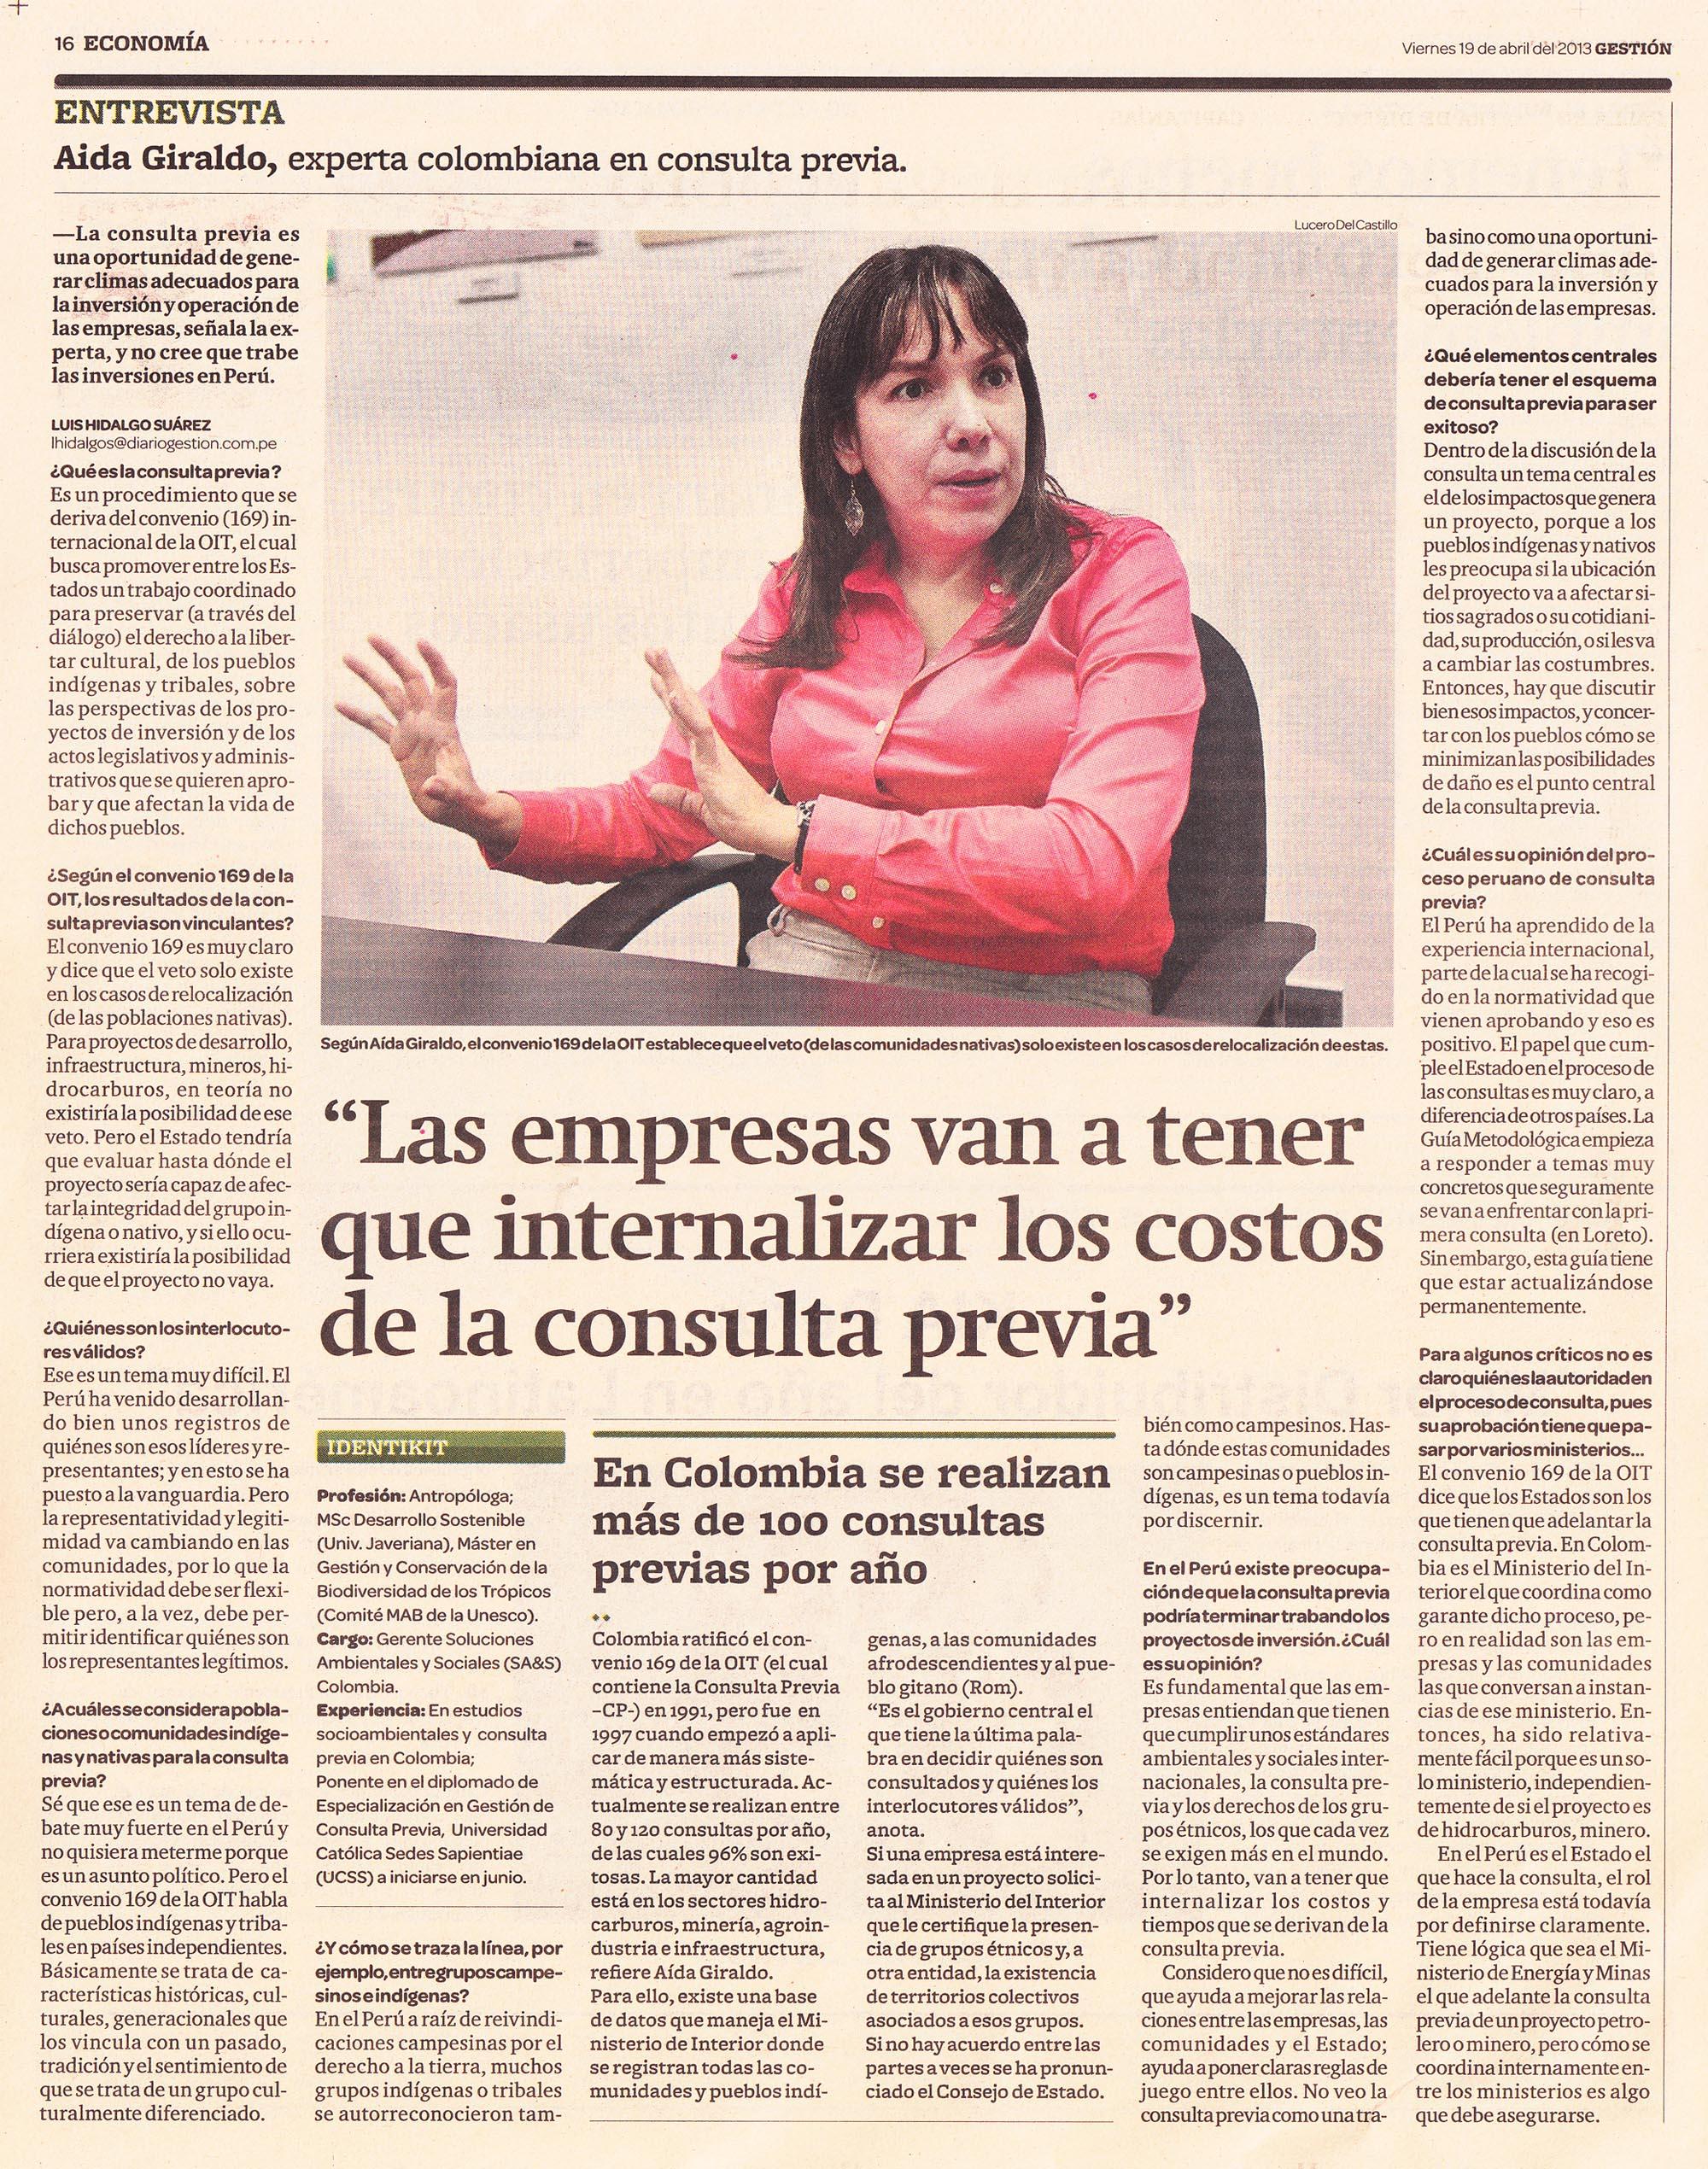 """""""Las empresas van a tener que internalizar los costos de la consulta previa"""" (Gestión  19/04/2013)"""